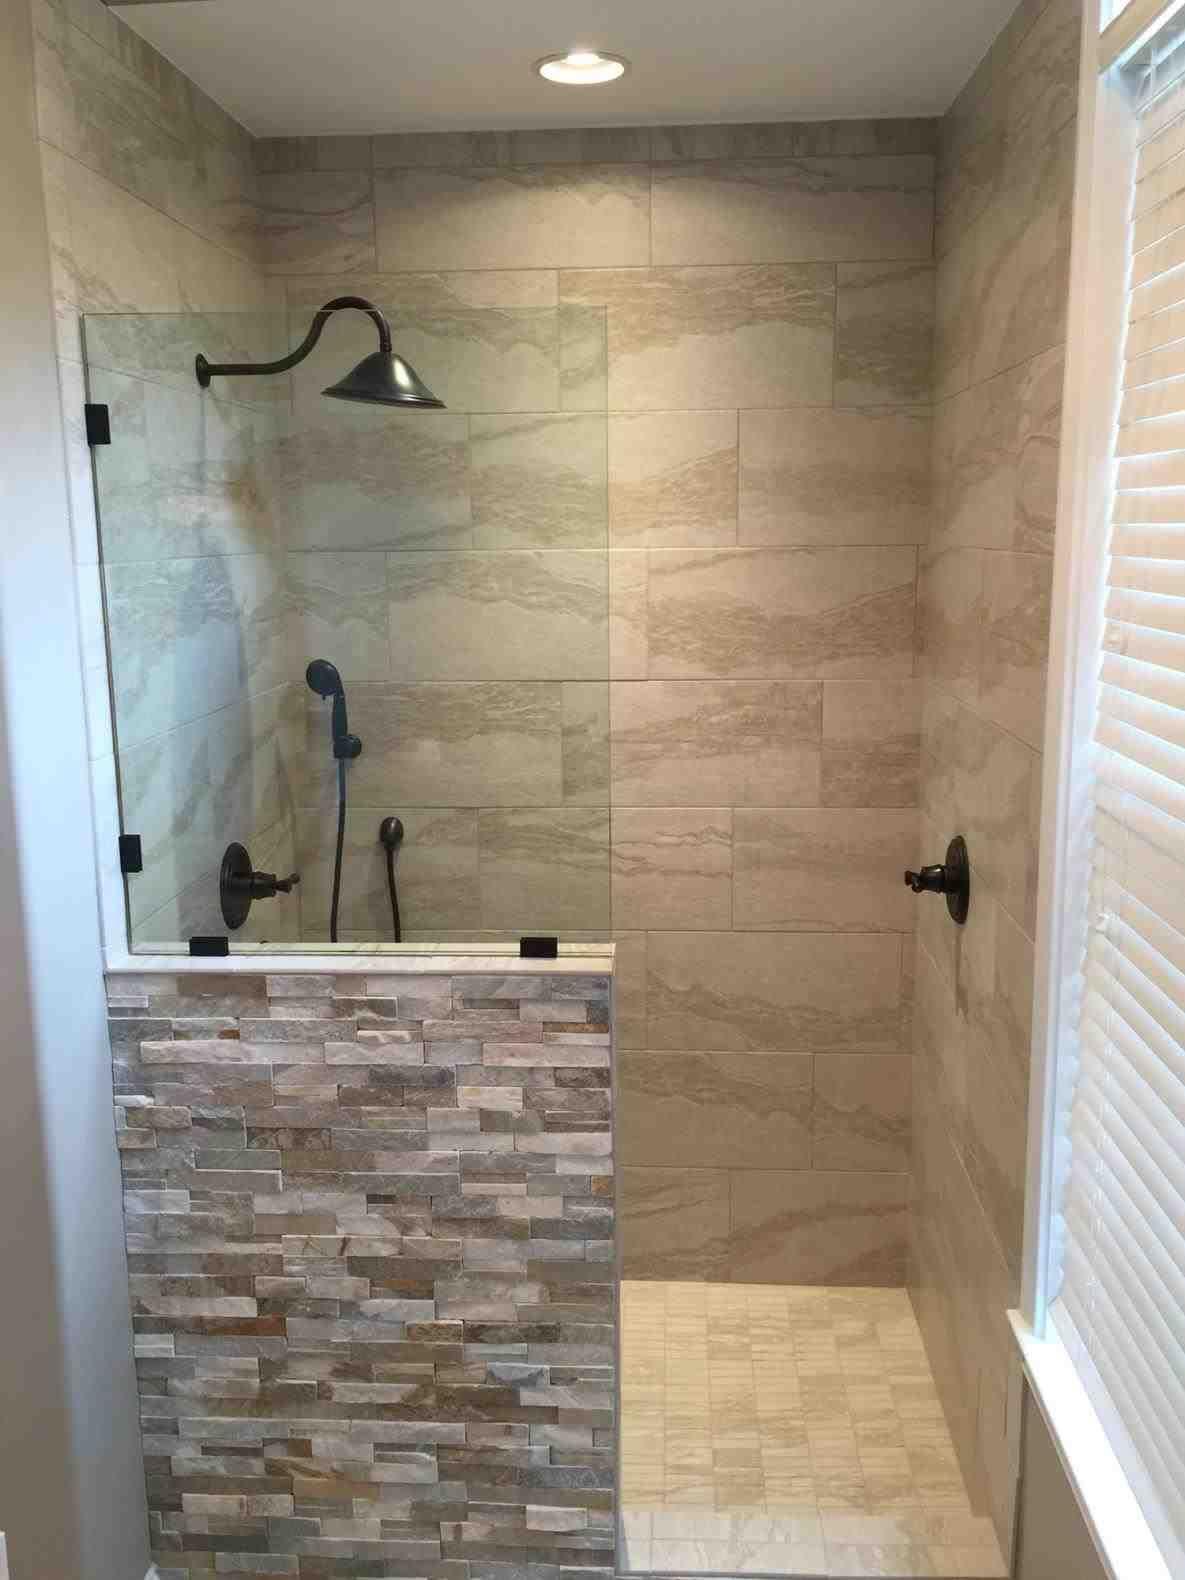 New Bathroom Half Wall Tiles At Temasistemi Net Decorar Banos Pequenos Diseno De Banos Decoracion De Banos Modernos